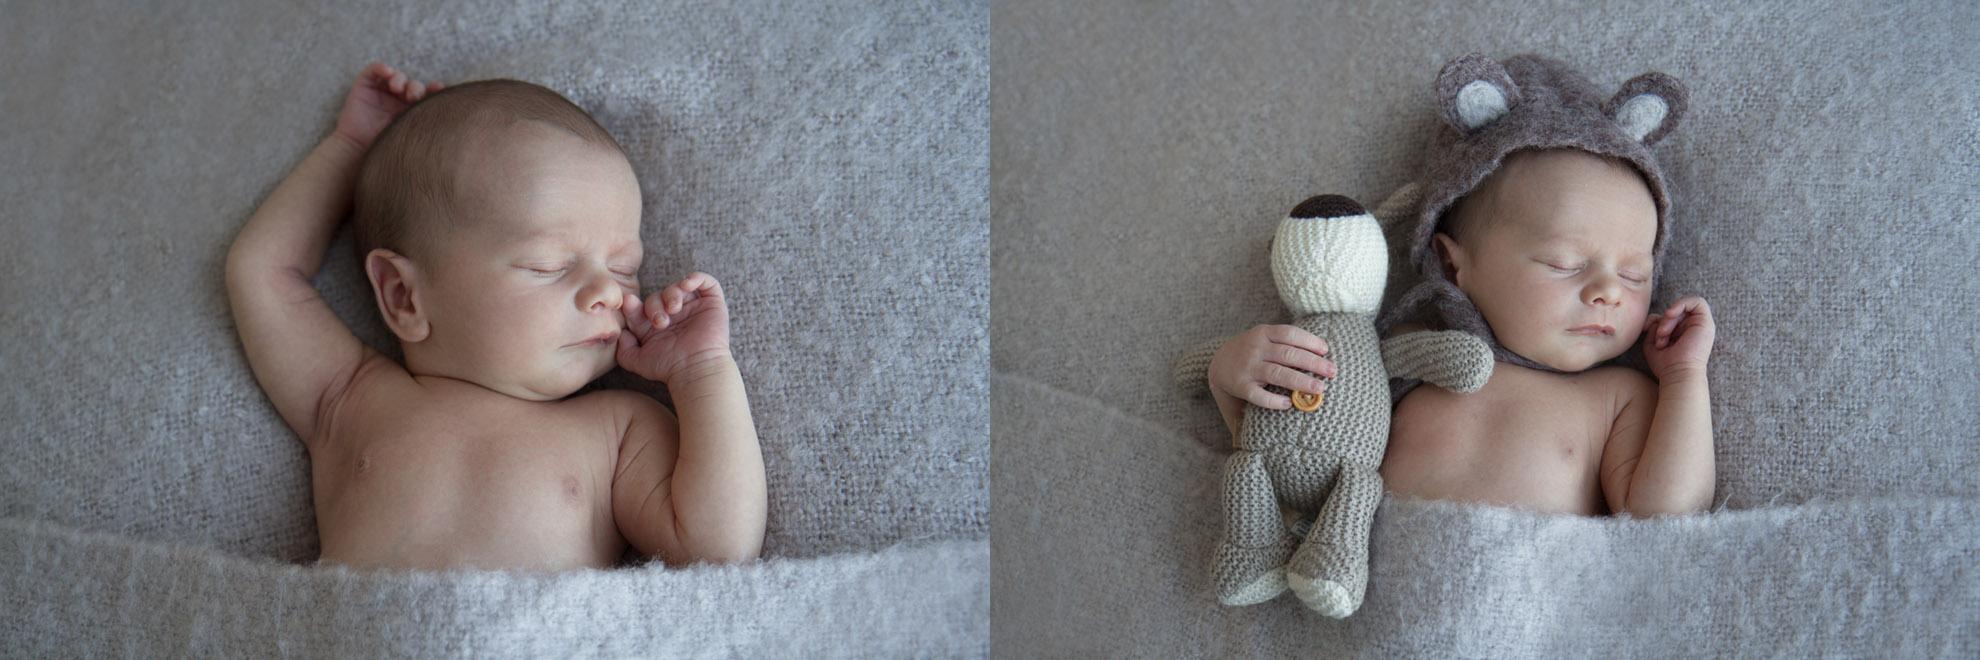 Hamilton-baby-photographer-newborn-asleep-in-bed.jpg